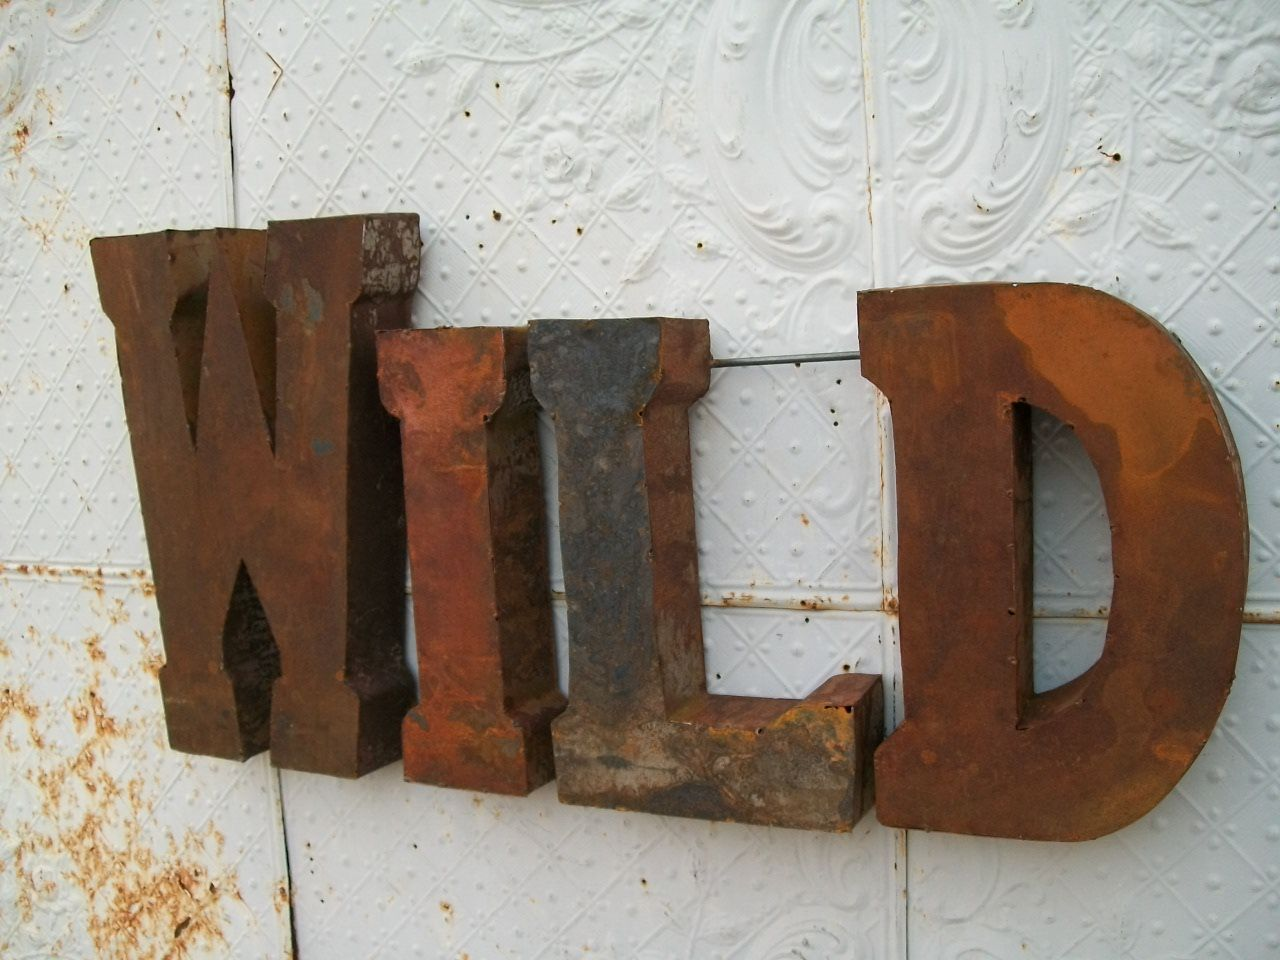 Rustic Metal Wall Art Australia - Bing Images